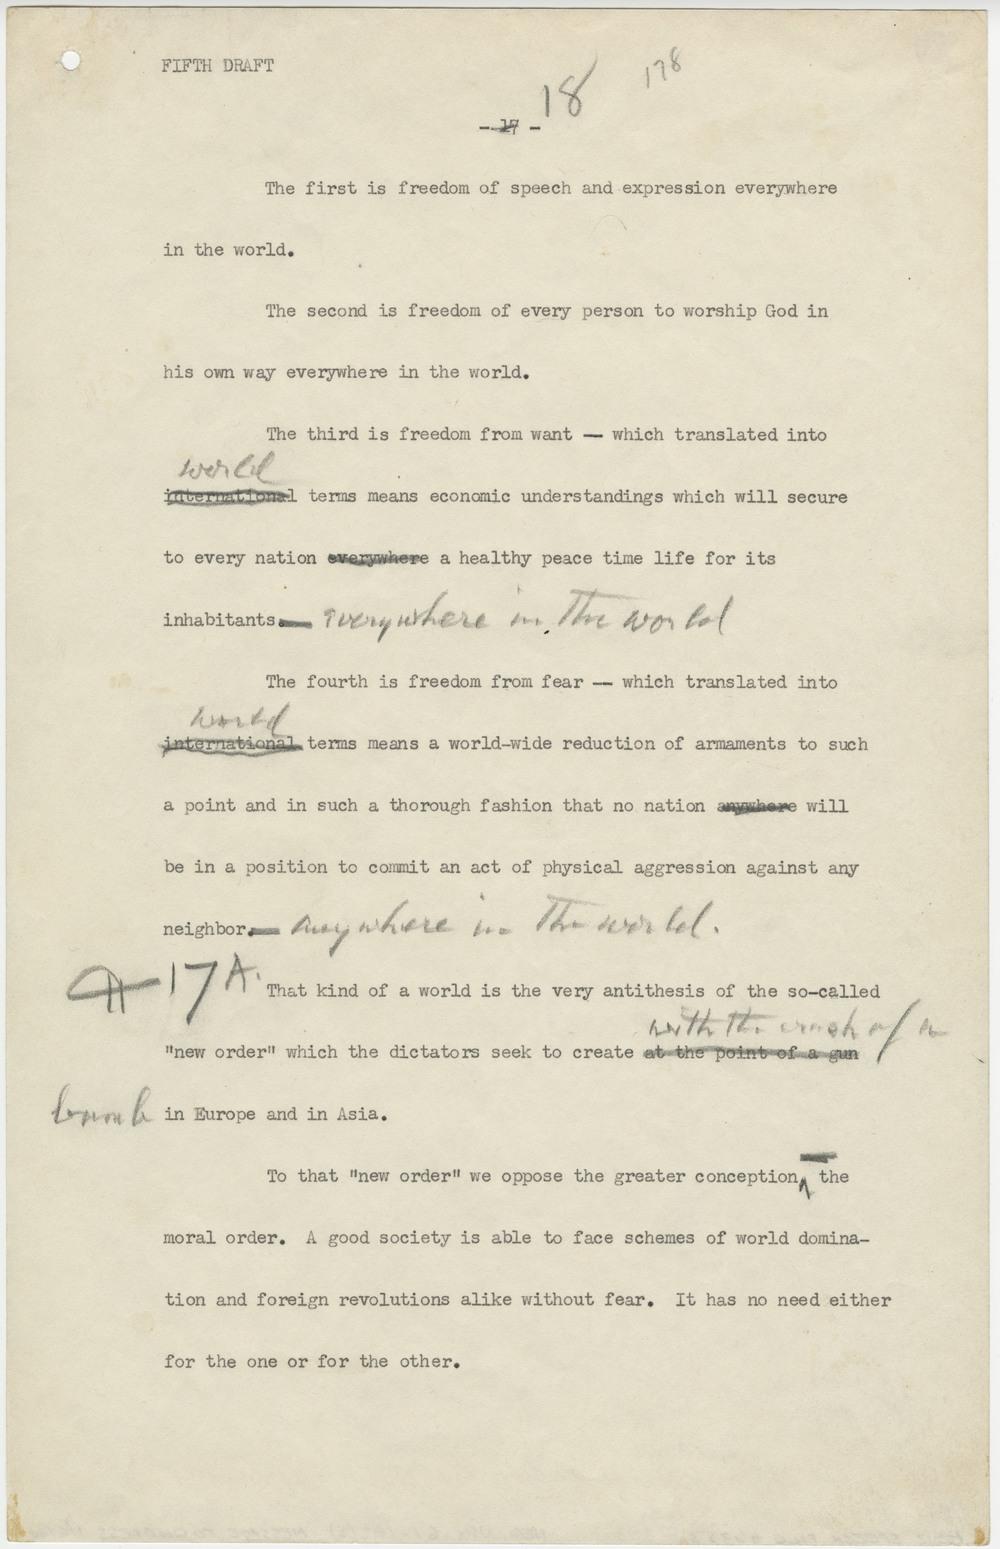 Franklin Roosevelt, Four Freedoms